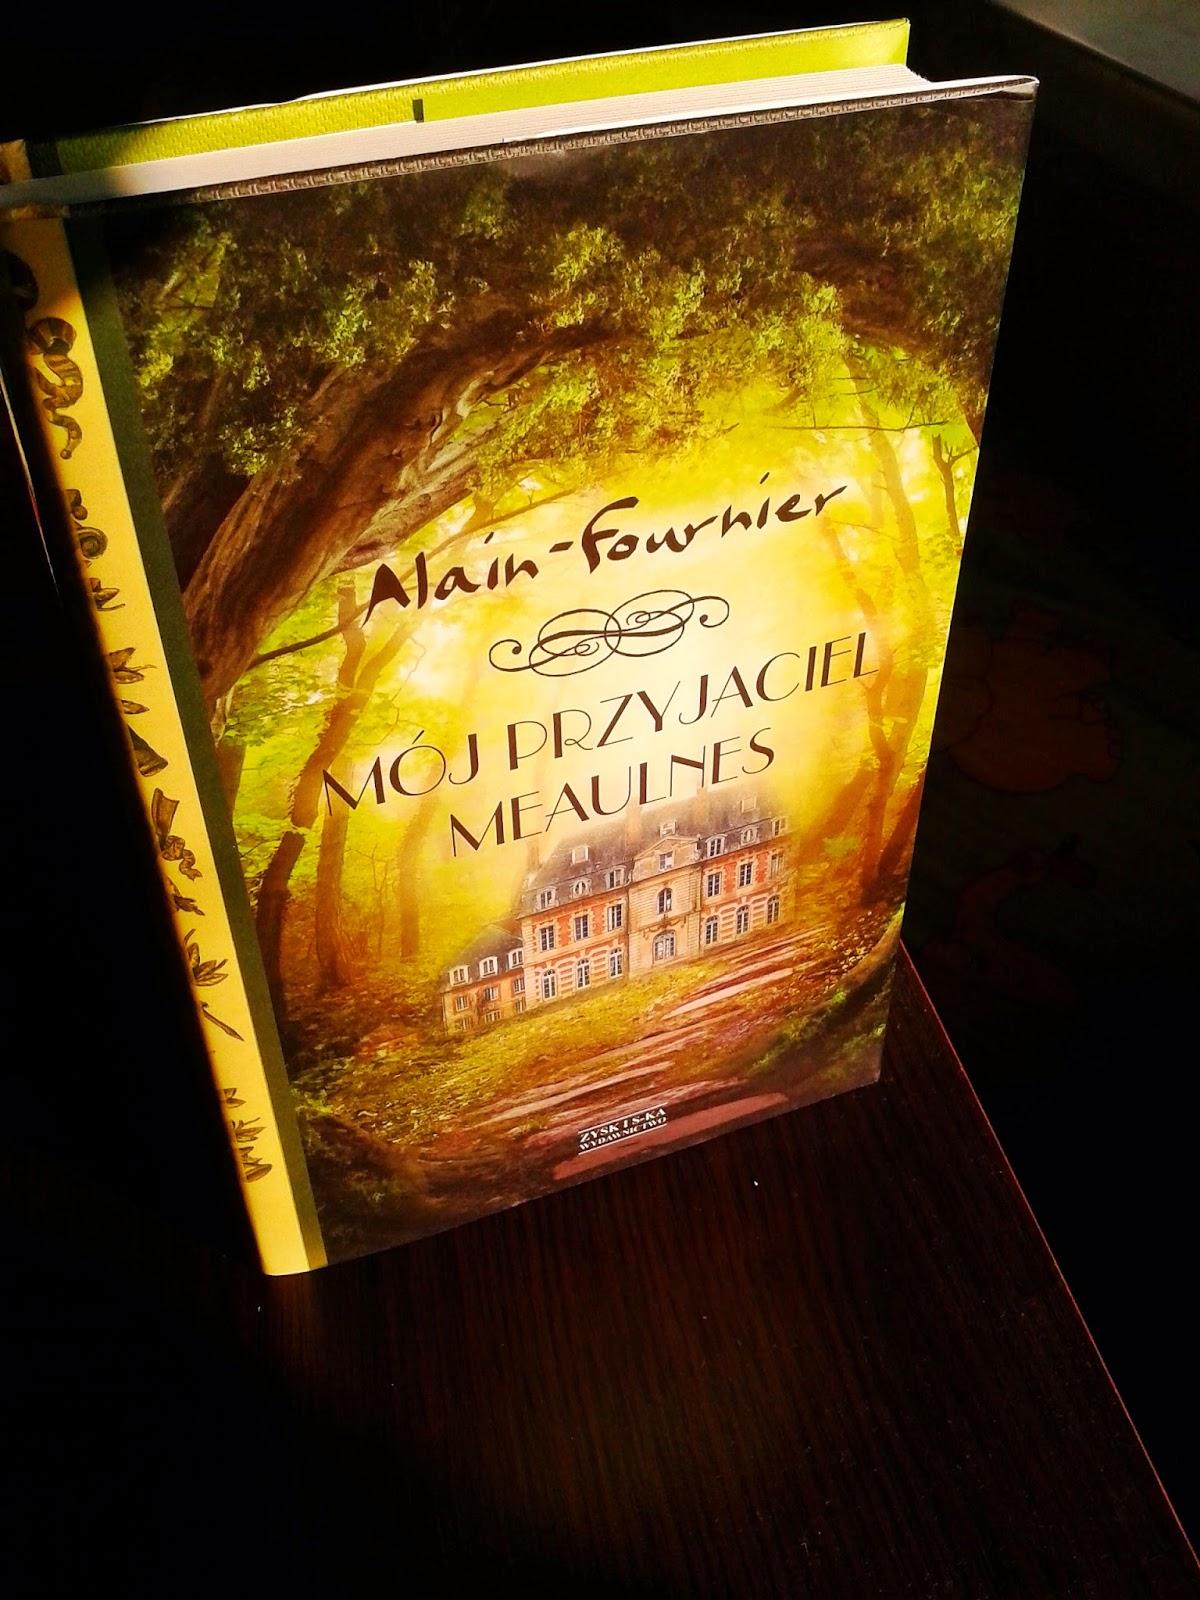 Mój przyjaciel Meaulnes - Alain-Fournier